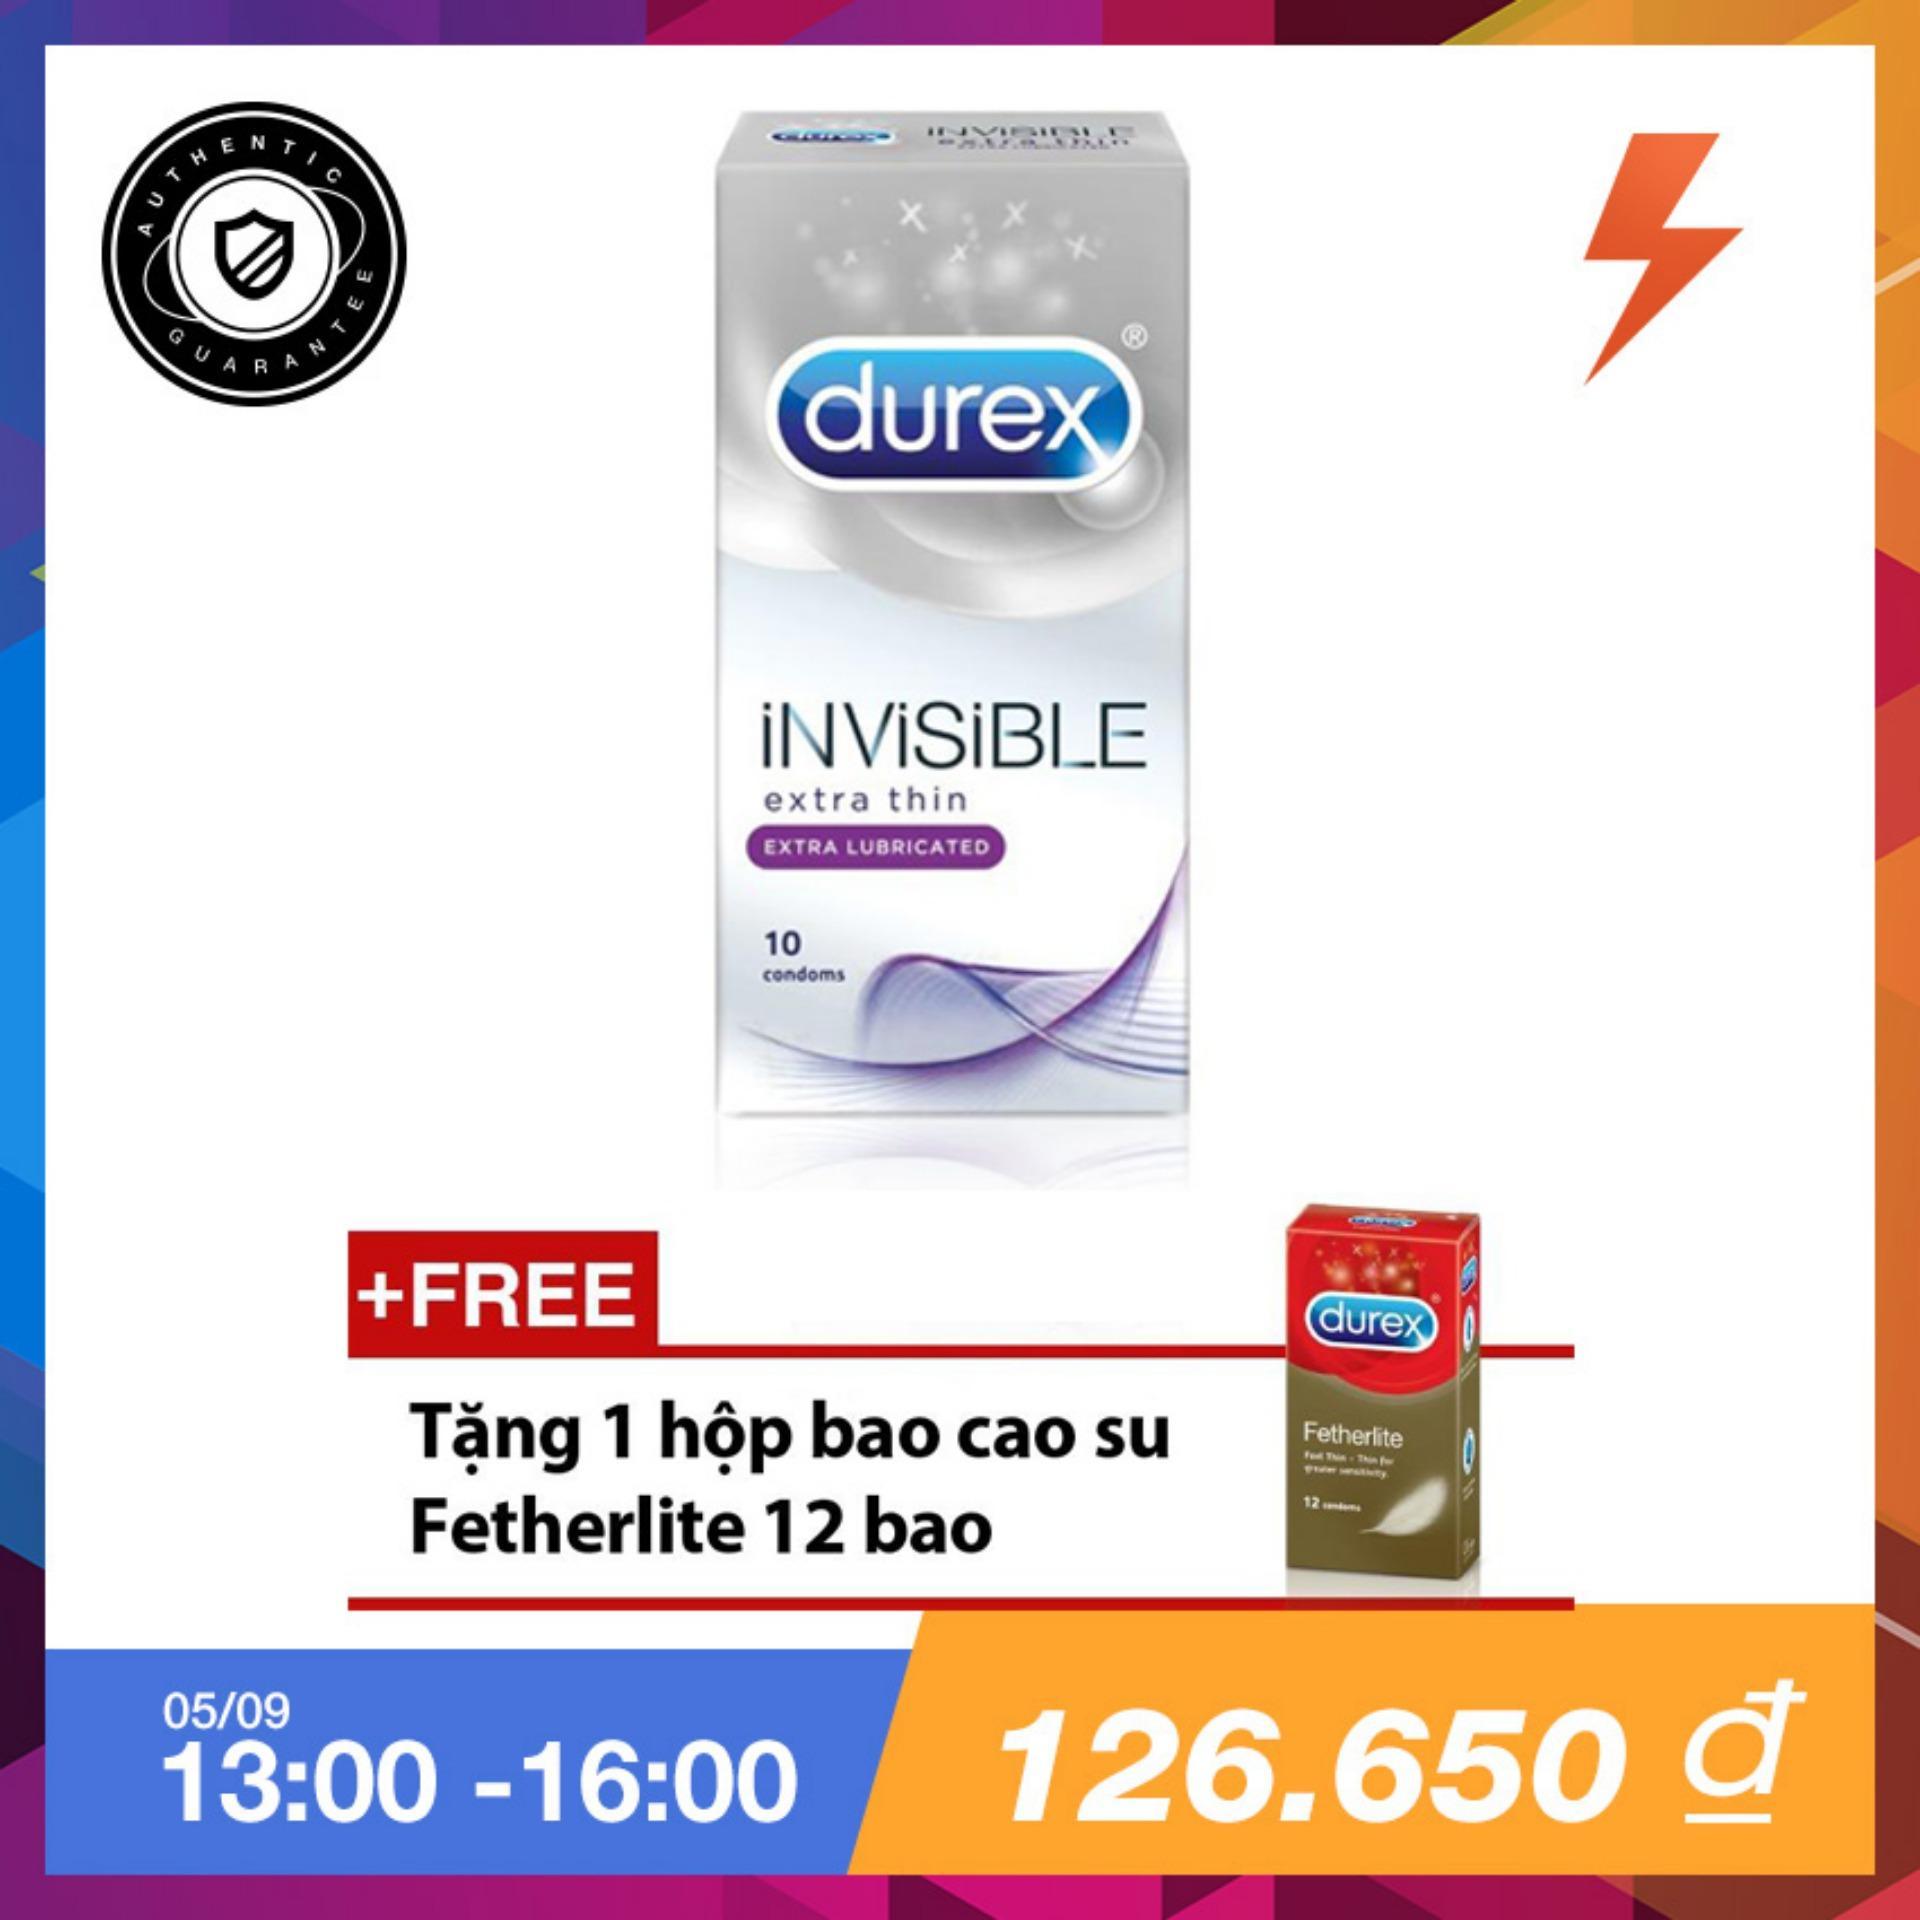 Giá Bán Bao Cao Su Durex Invisible Extra Lubricant 10 Bao Tặng 1 Hộp Bao Cao Su Durex Fetherlite 12 Bao Durex